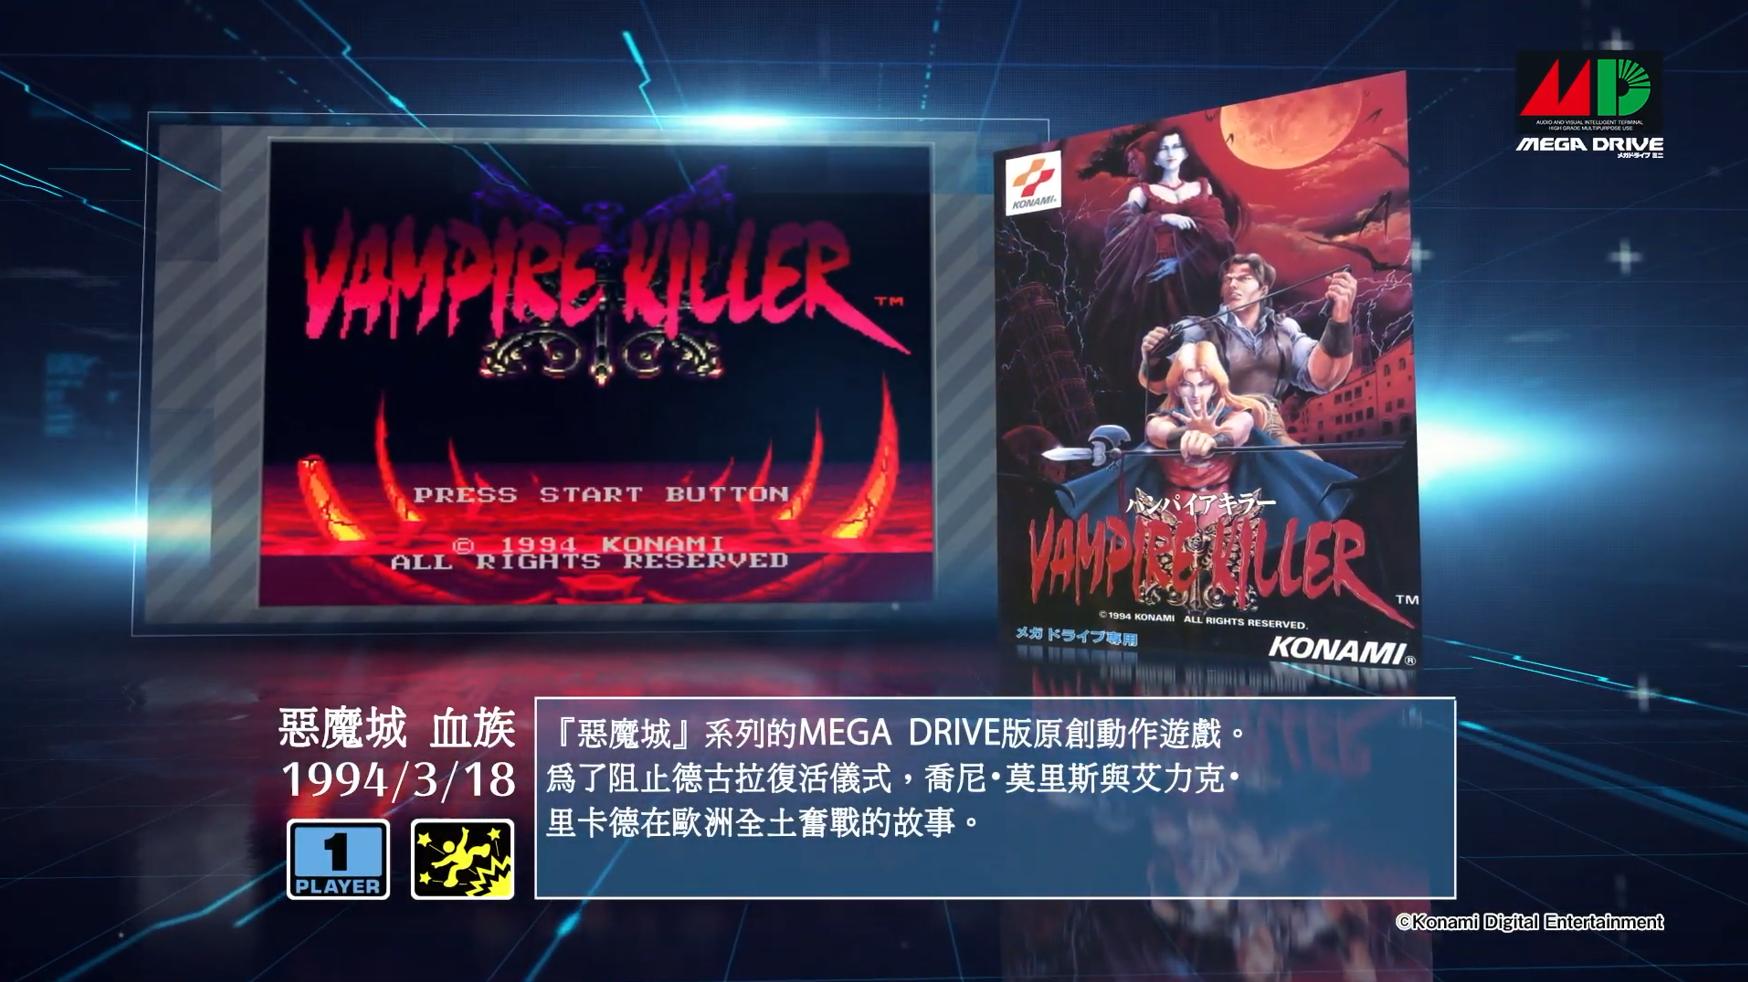 双弹齐发 Mega Drive Mini游戏阵容介绍视频公布